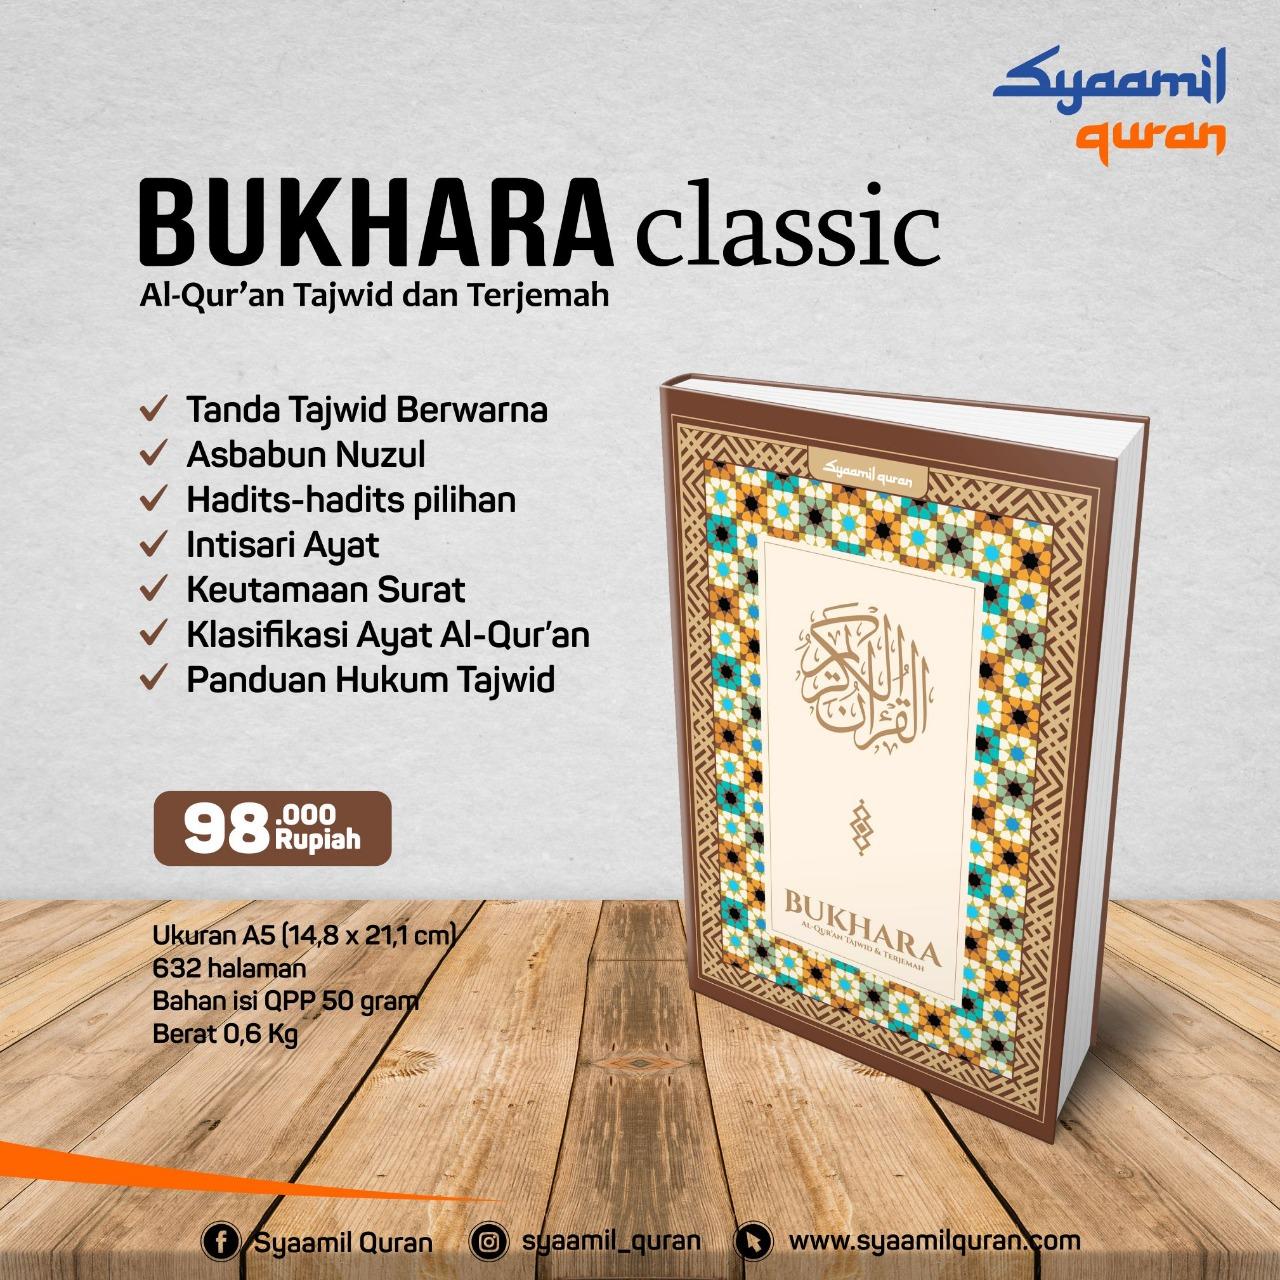 Jual Syaamil Qur'an, Al-Qur'an Bukhara Classic: Al-Qur'an Dengan Tajwid Dan Terjemah